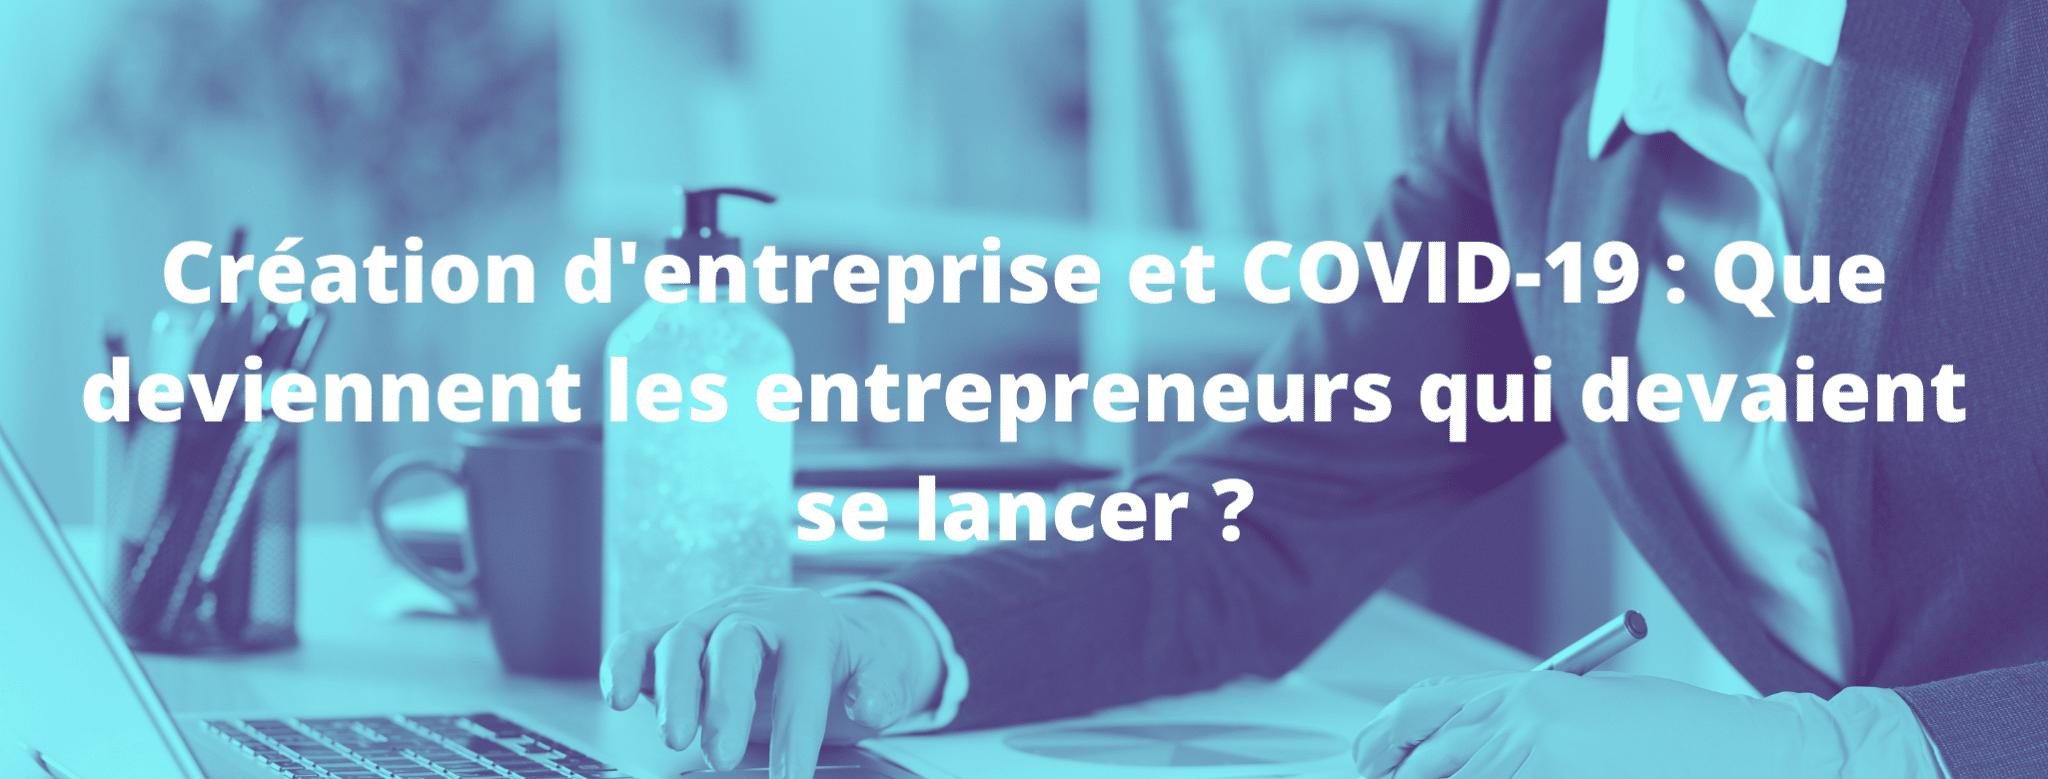 Création d'entreprise et COVID-19 :  Que deviennent ces entrepreneurs qui devaient se lancer ?